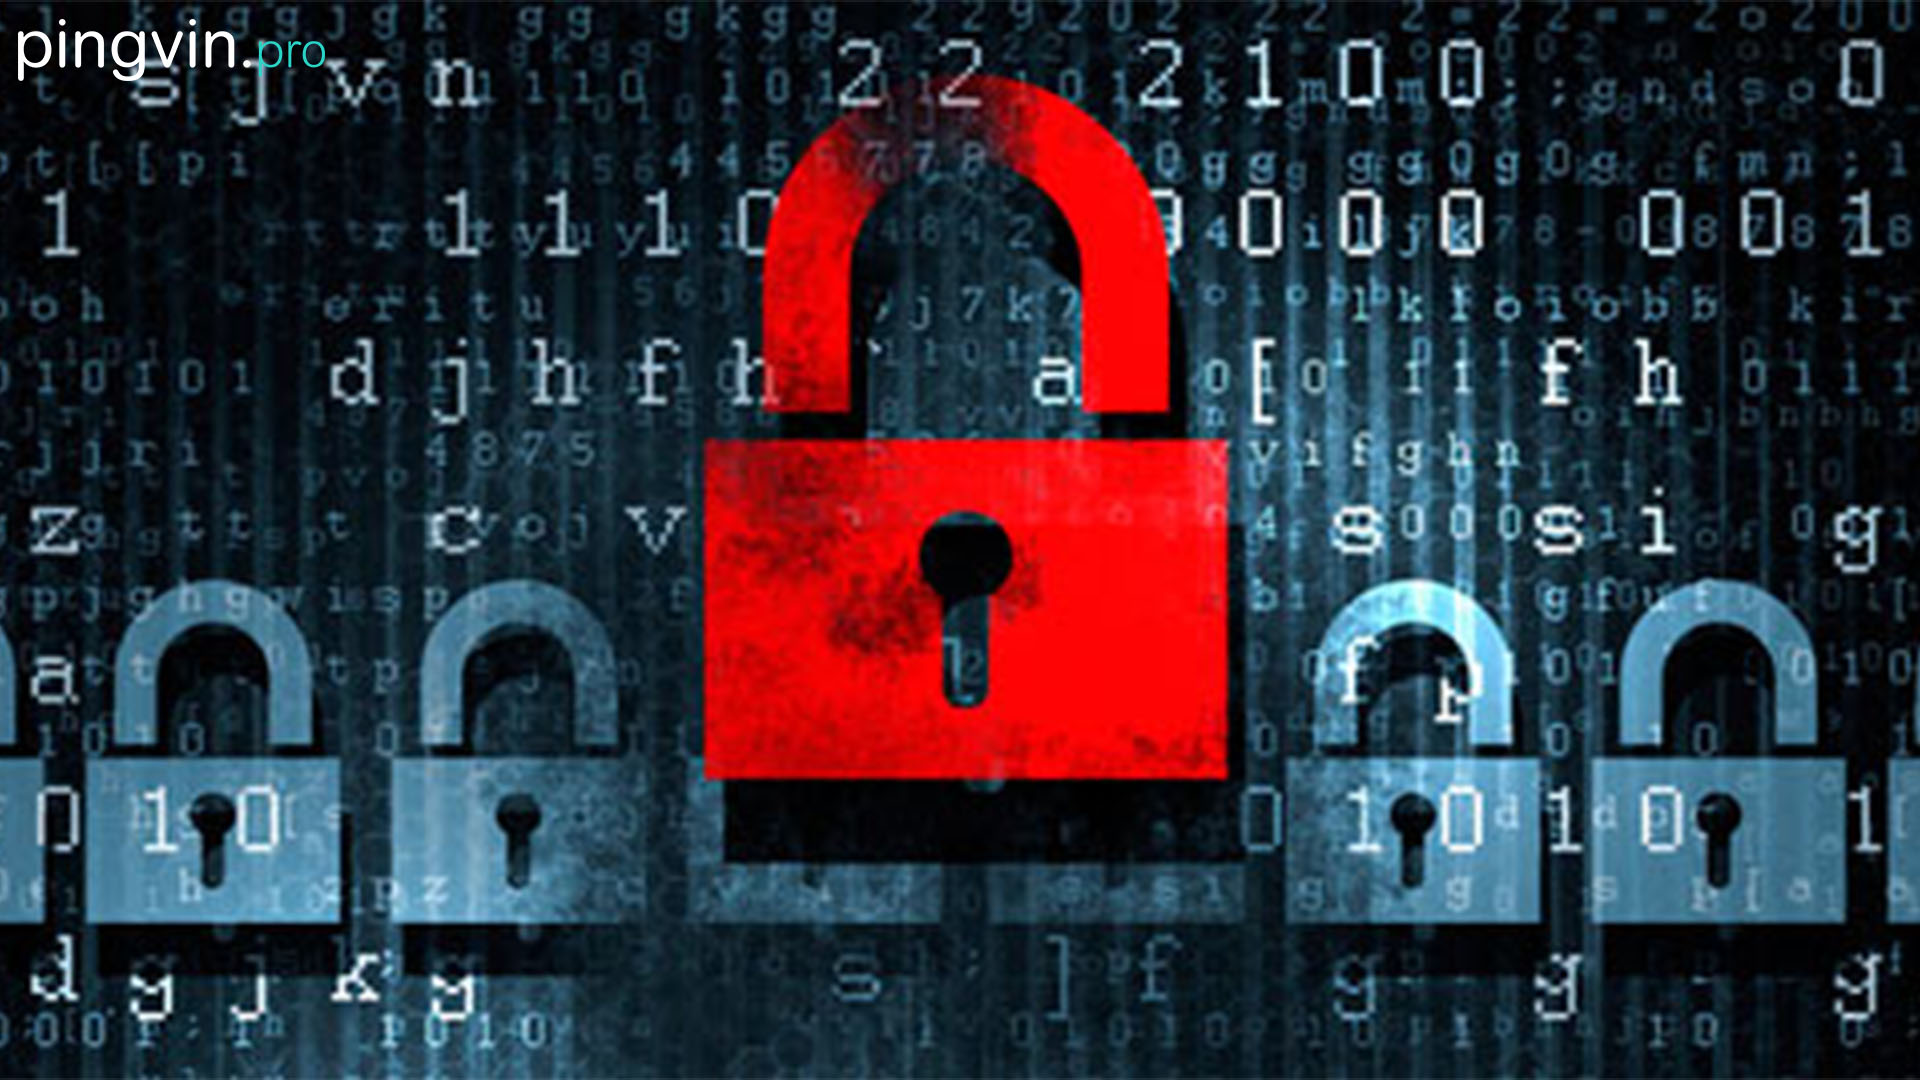 двофакторну автентифікацію / Український хакер / персональні дані